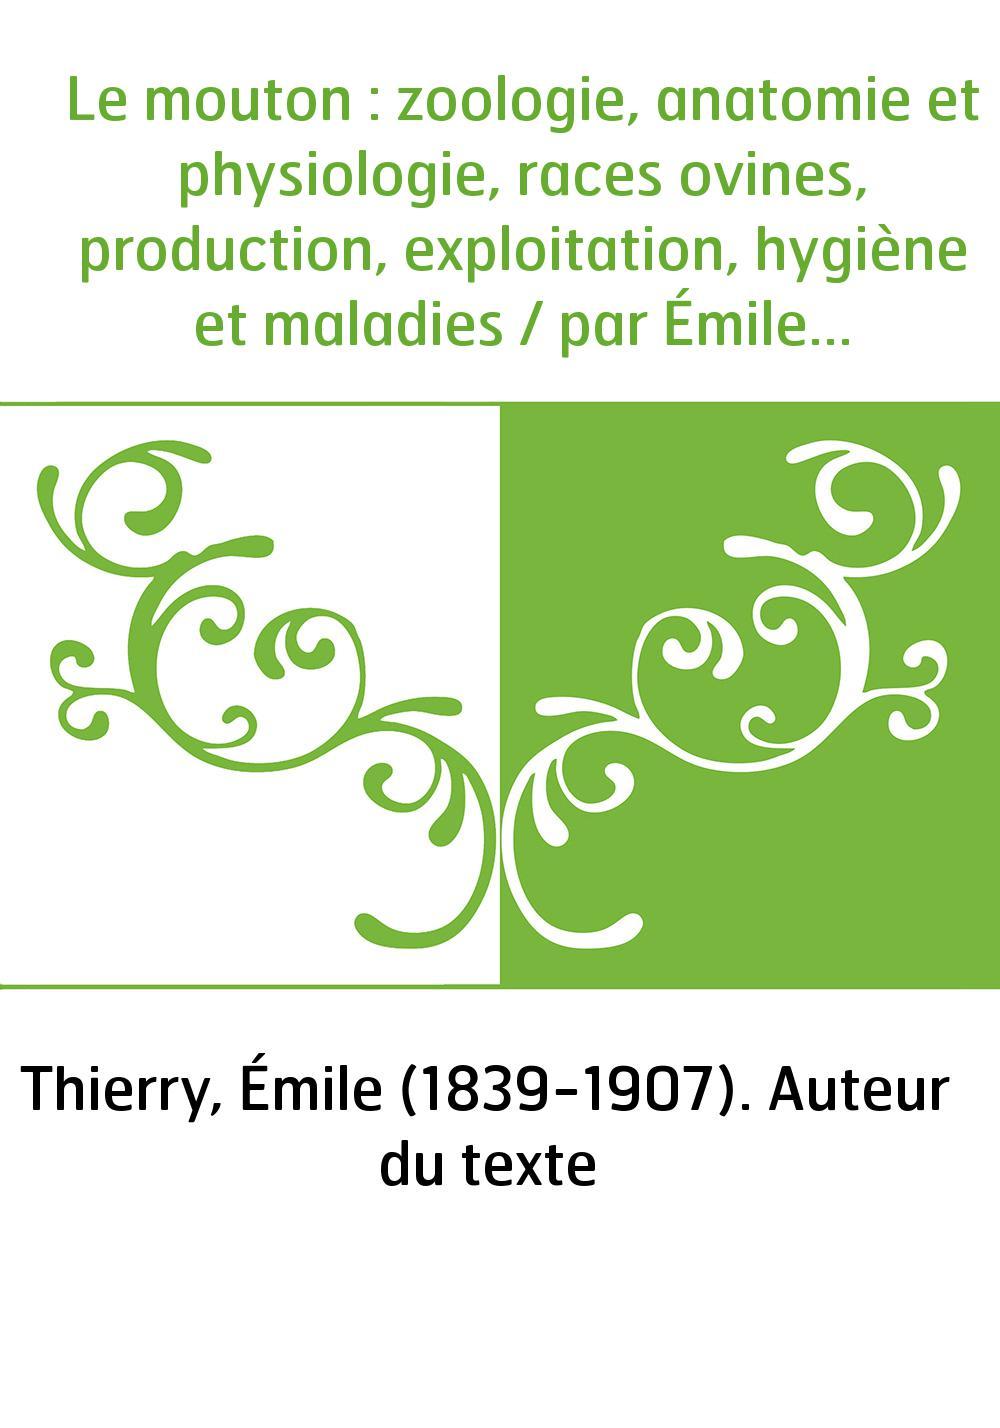 Le mouton : zoologie, anatomie et physiologie, races ovines, production, exploitation, hygiène et maladies / par Émile Thierry,.